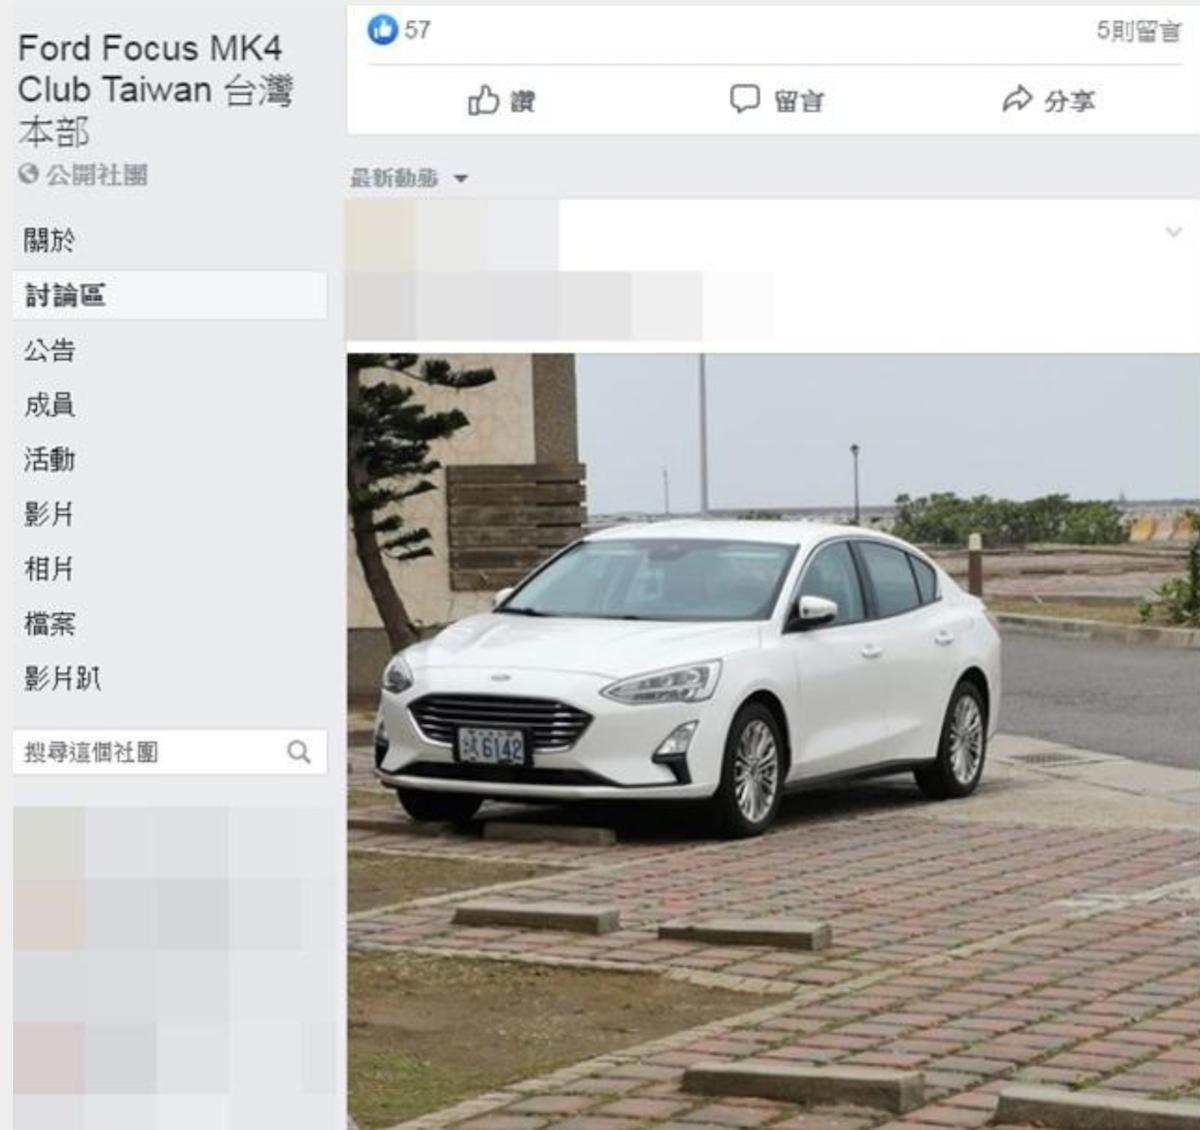 神秘四門 Focus 測試車再度現身,不過外觀就跟目前販售的並無區別。〈圖片來源/擷取自 臉書公開社團〉